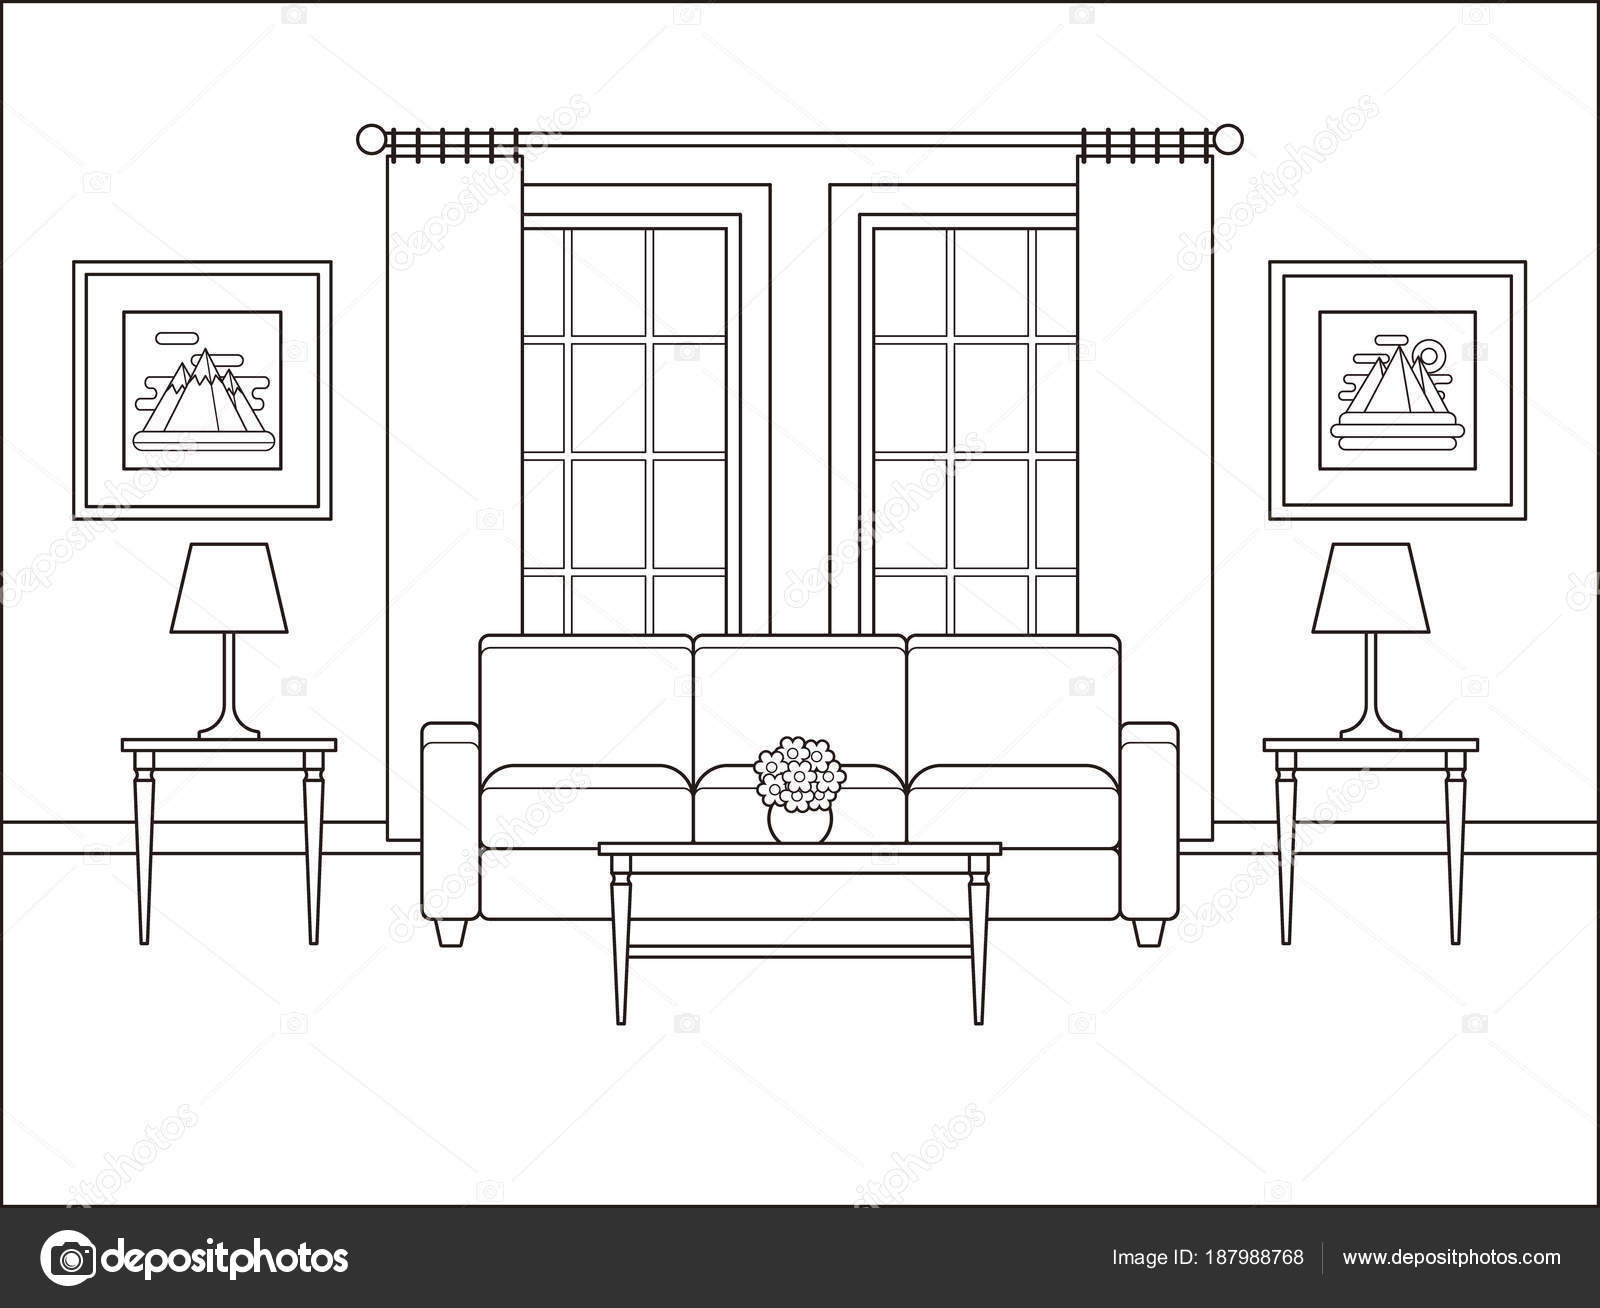 Oda Iç Düz Tasarım Penceresinde Ile Anahat Vektör Illustr Stok